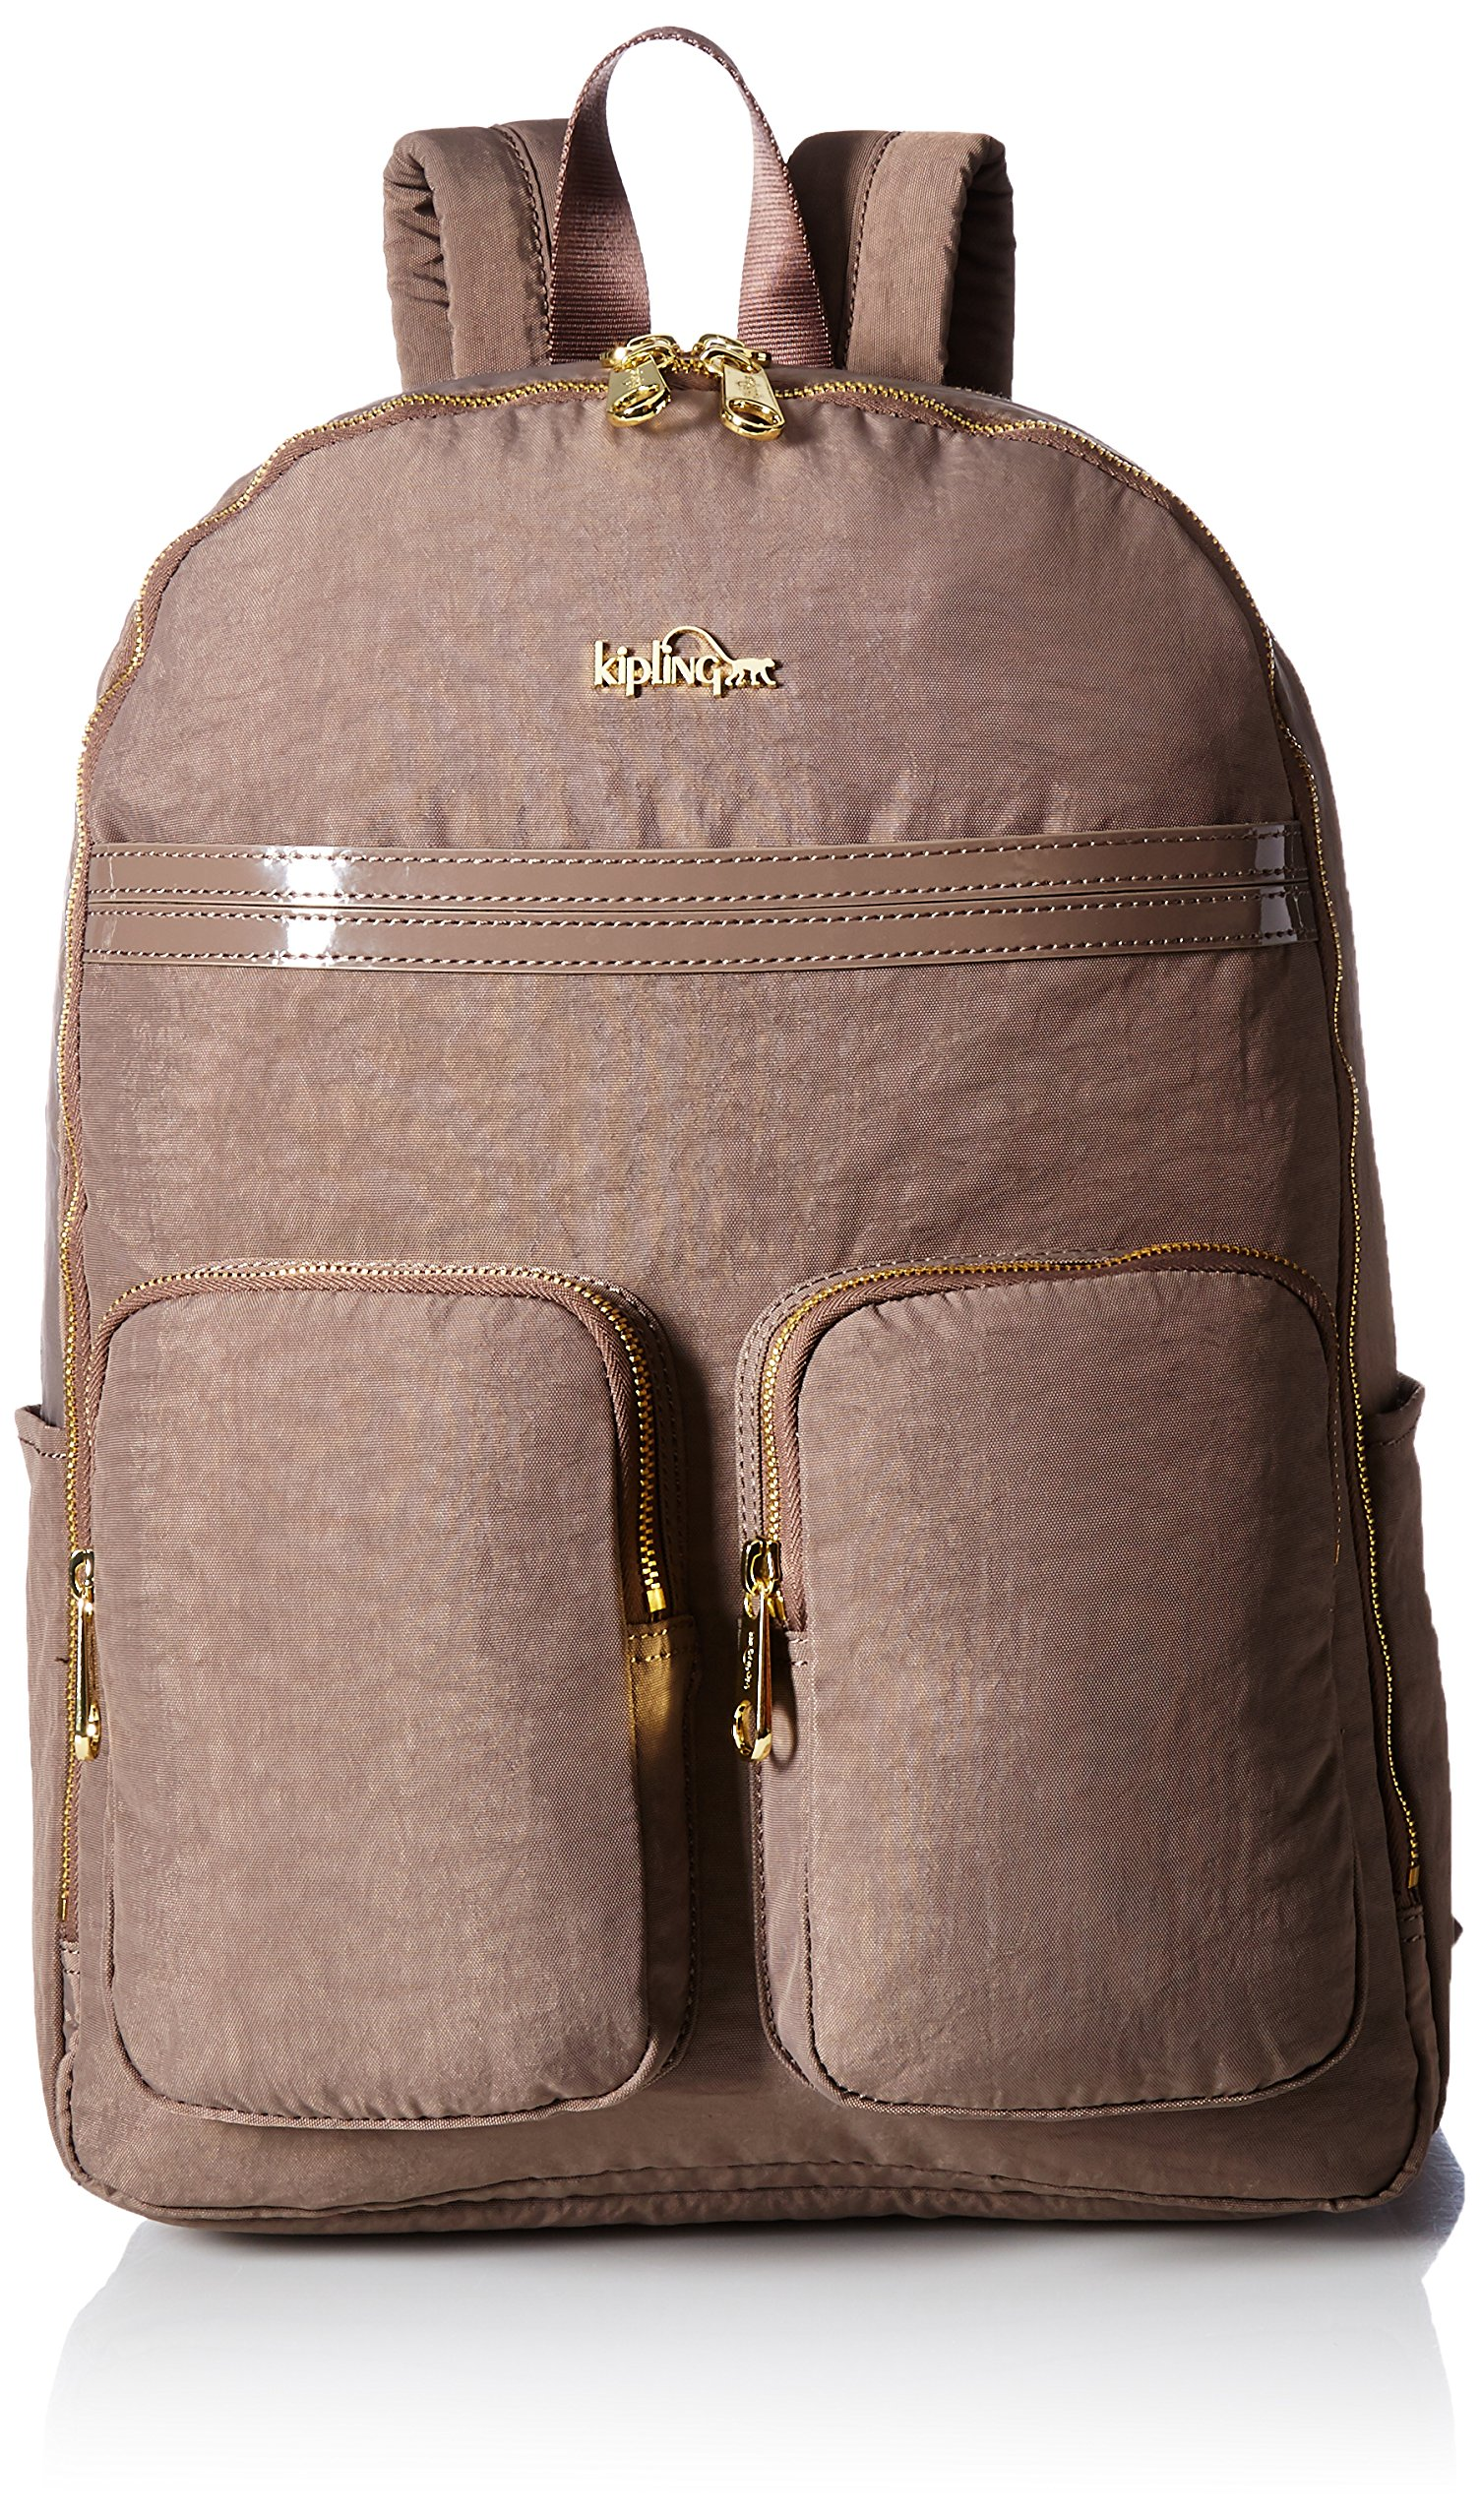 Tina Spc Backpack, Nwbrnptnco, One Size